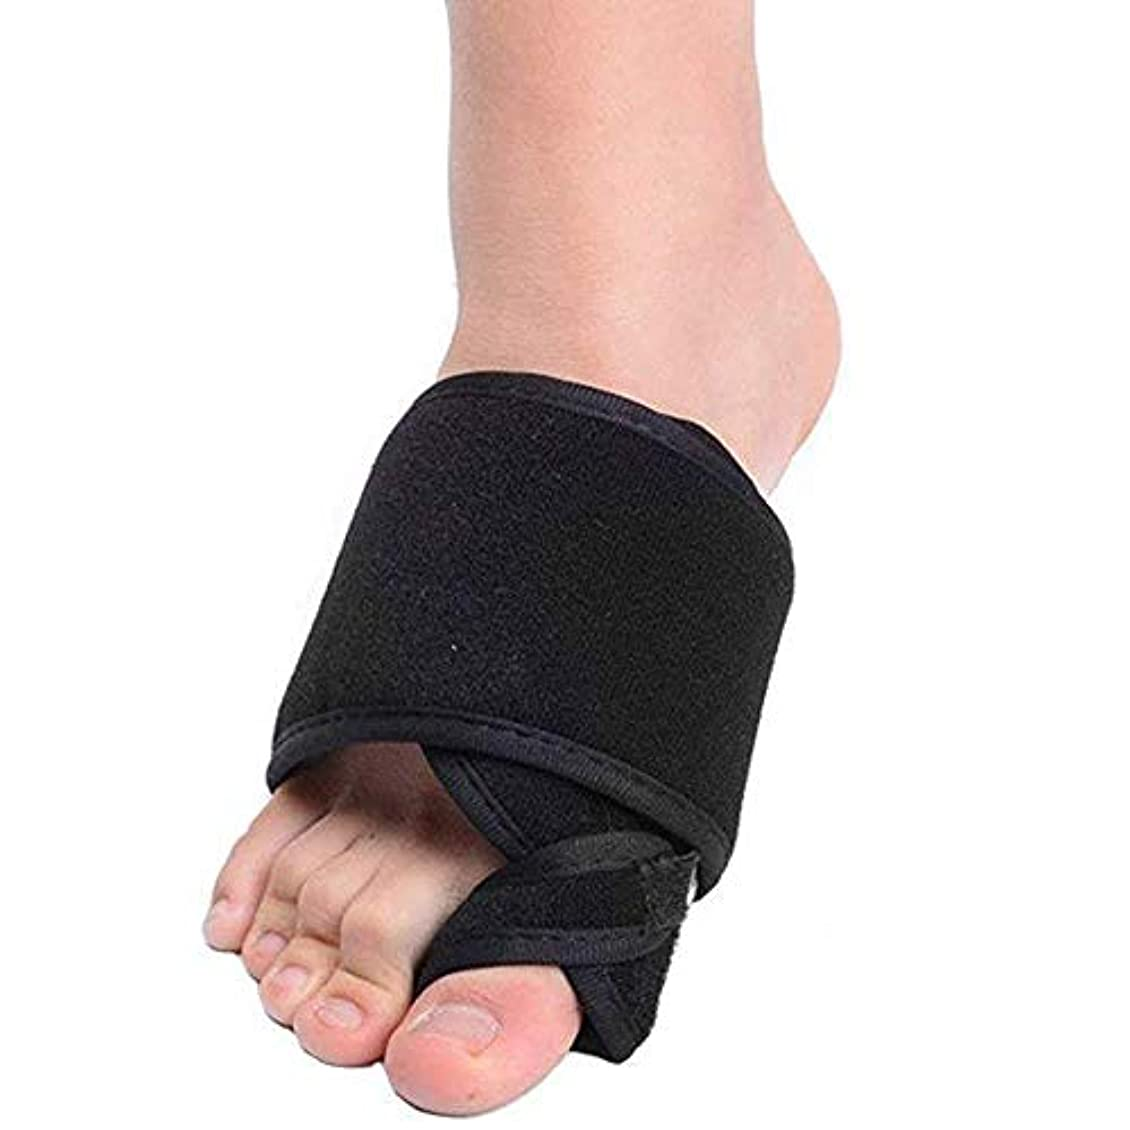 毎年ジョグ上流のスプリントサポート付きのつま先セパレーター調整可能なストラップオーバーラップトウのつま先の痛みの緩和(1)